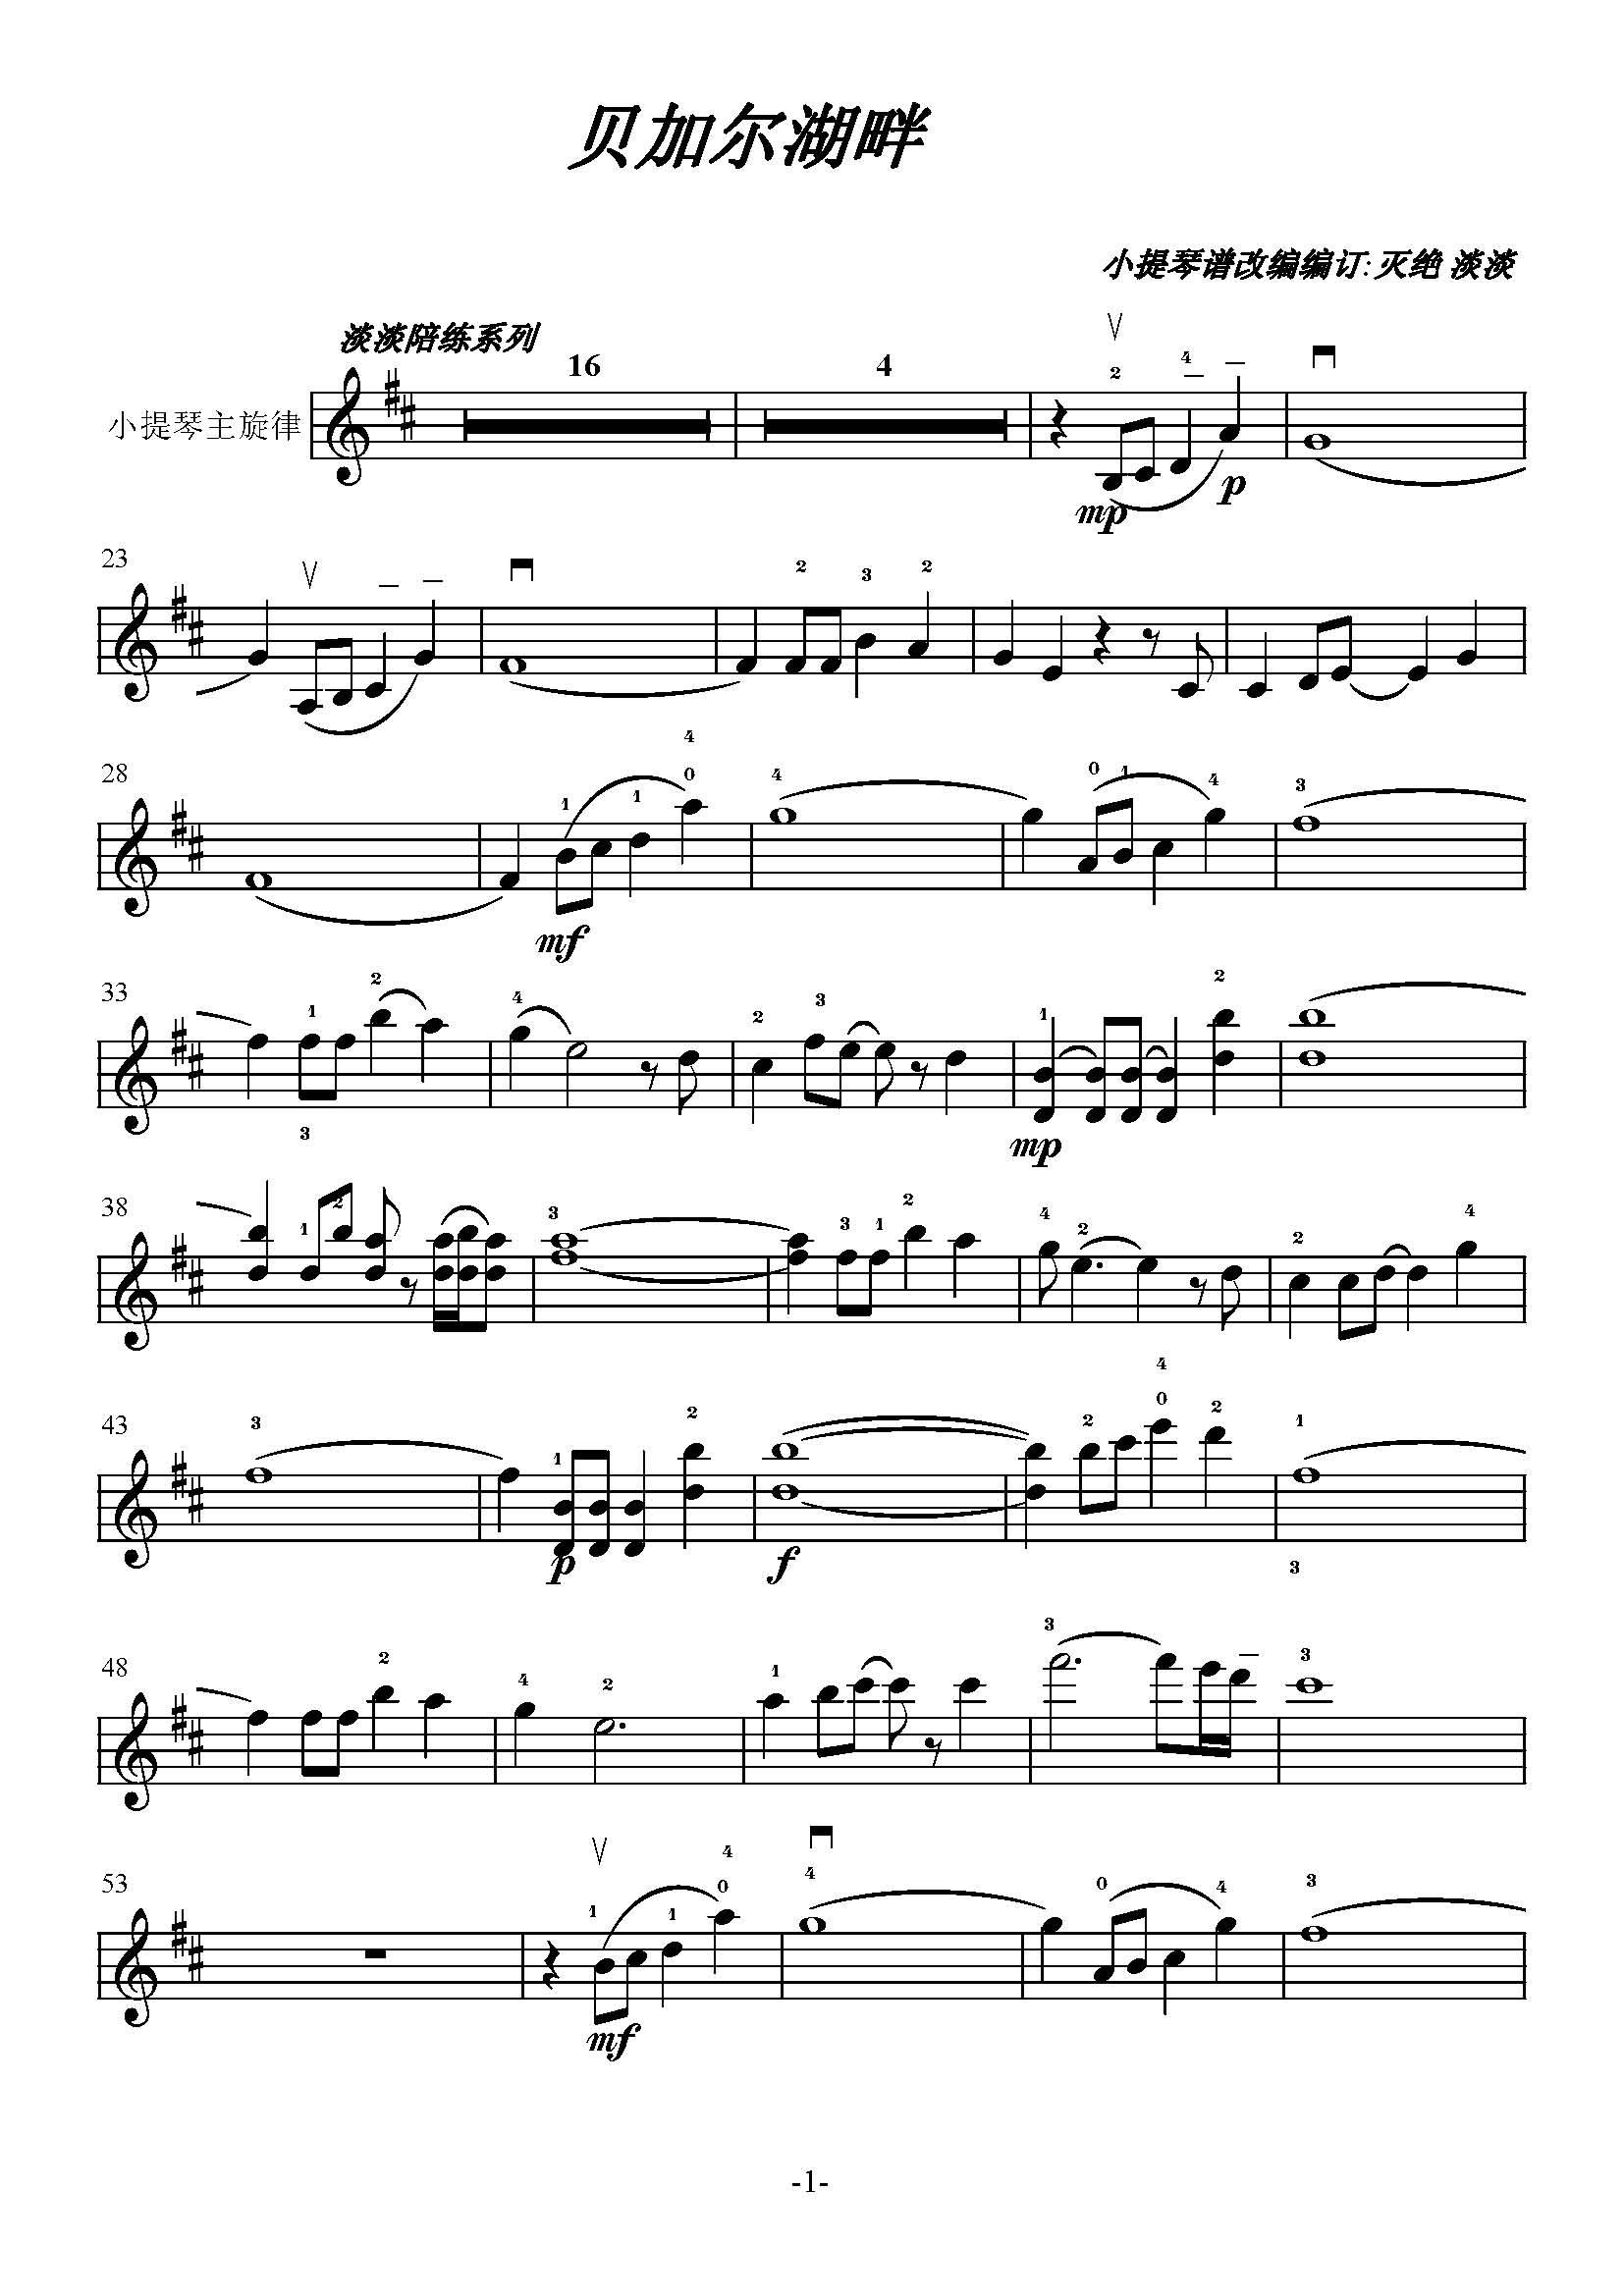 求贝加尔湖畔小提琴伴奏谱!